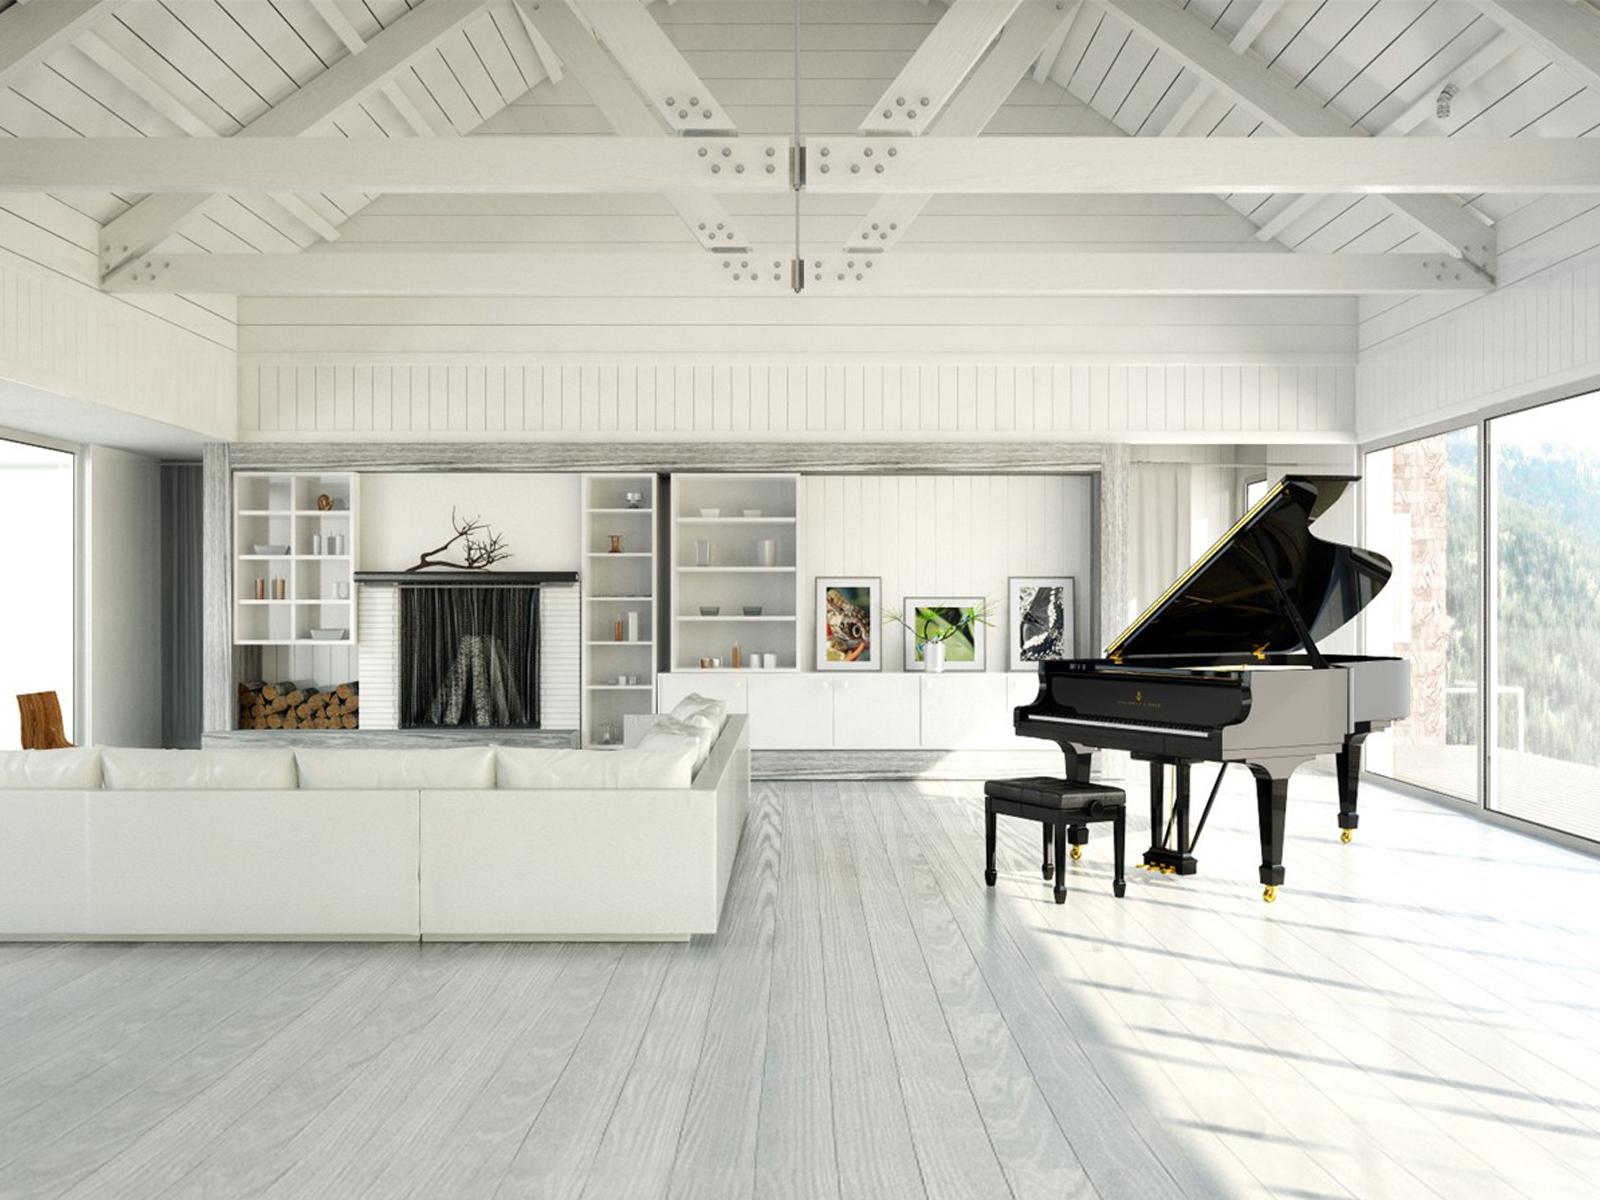 đàn piano trong biệt thự